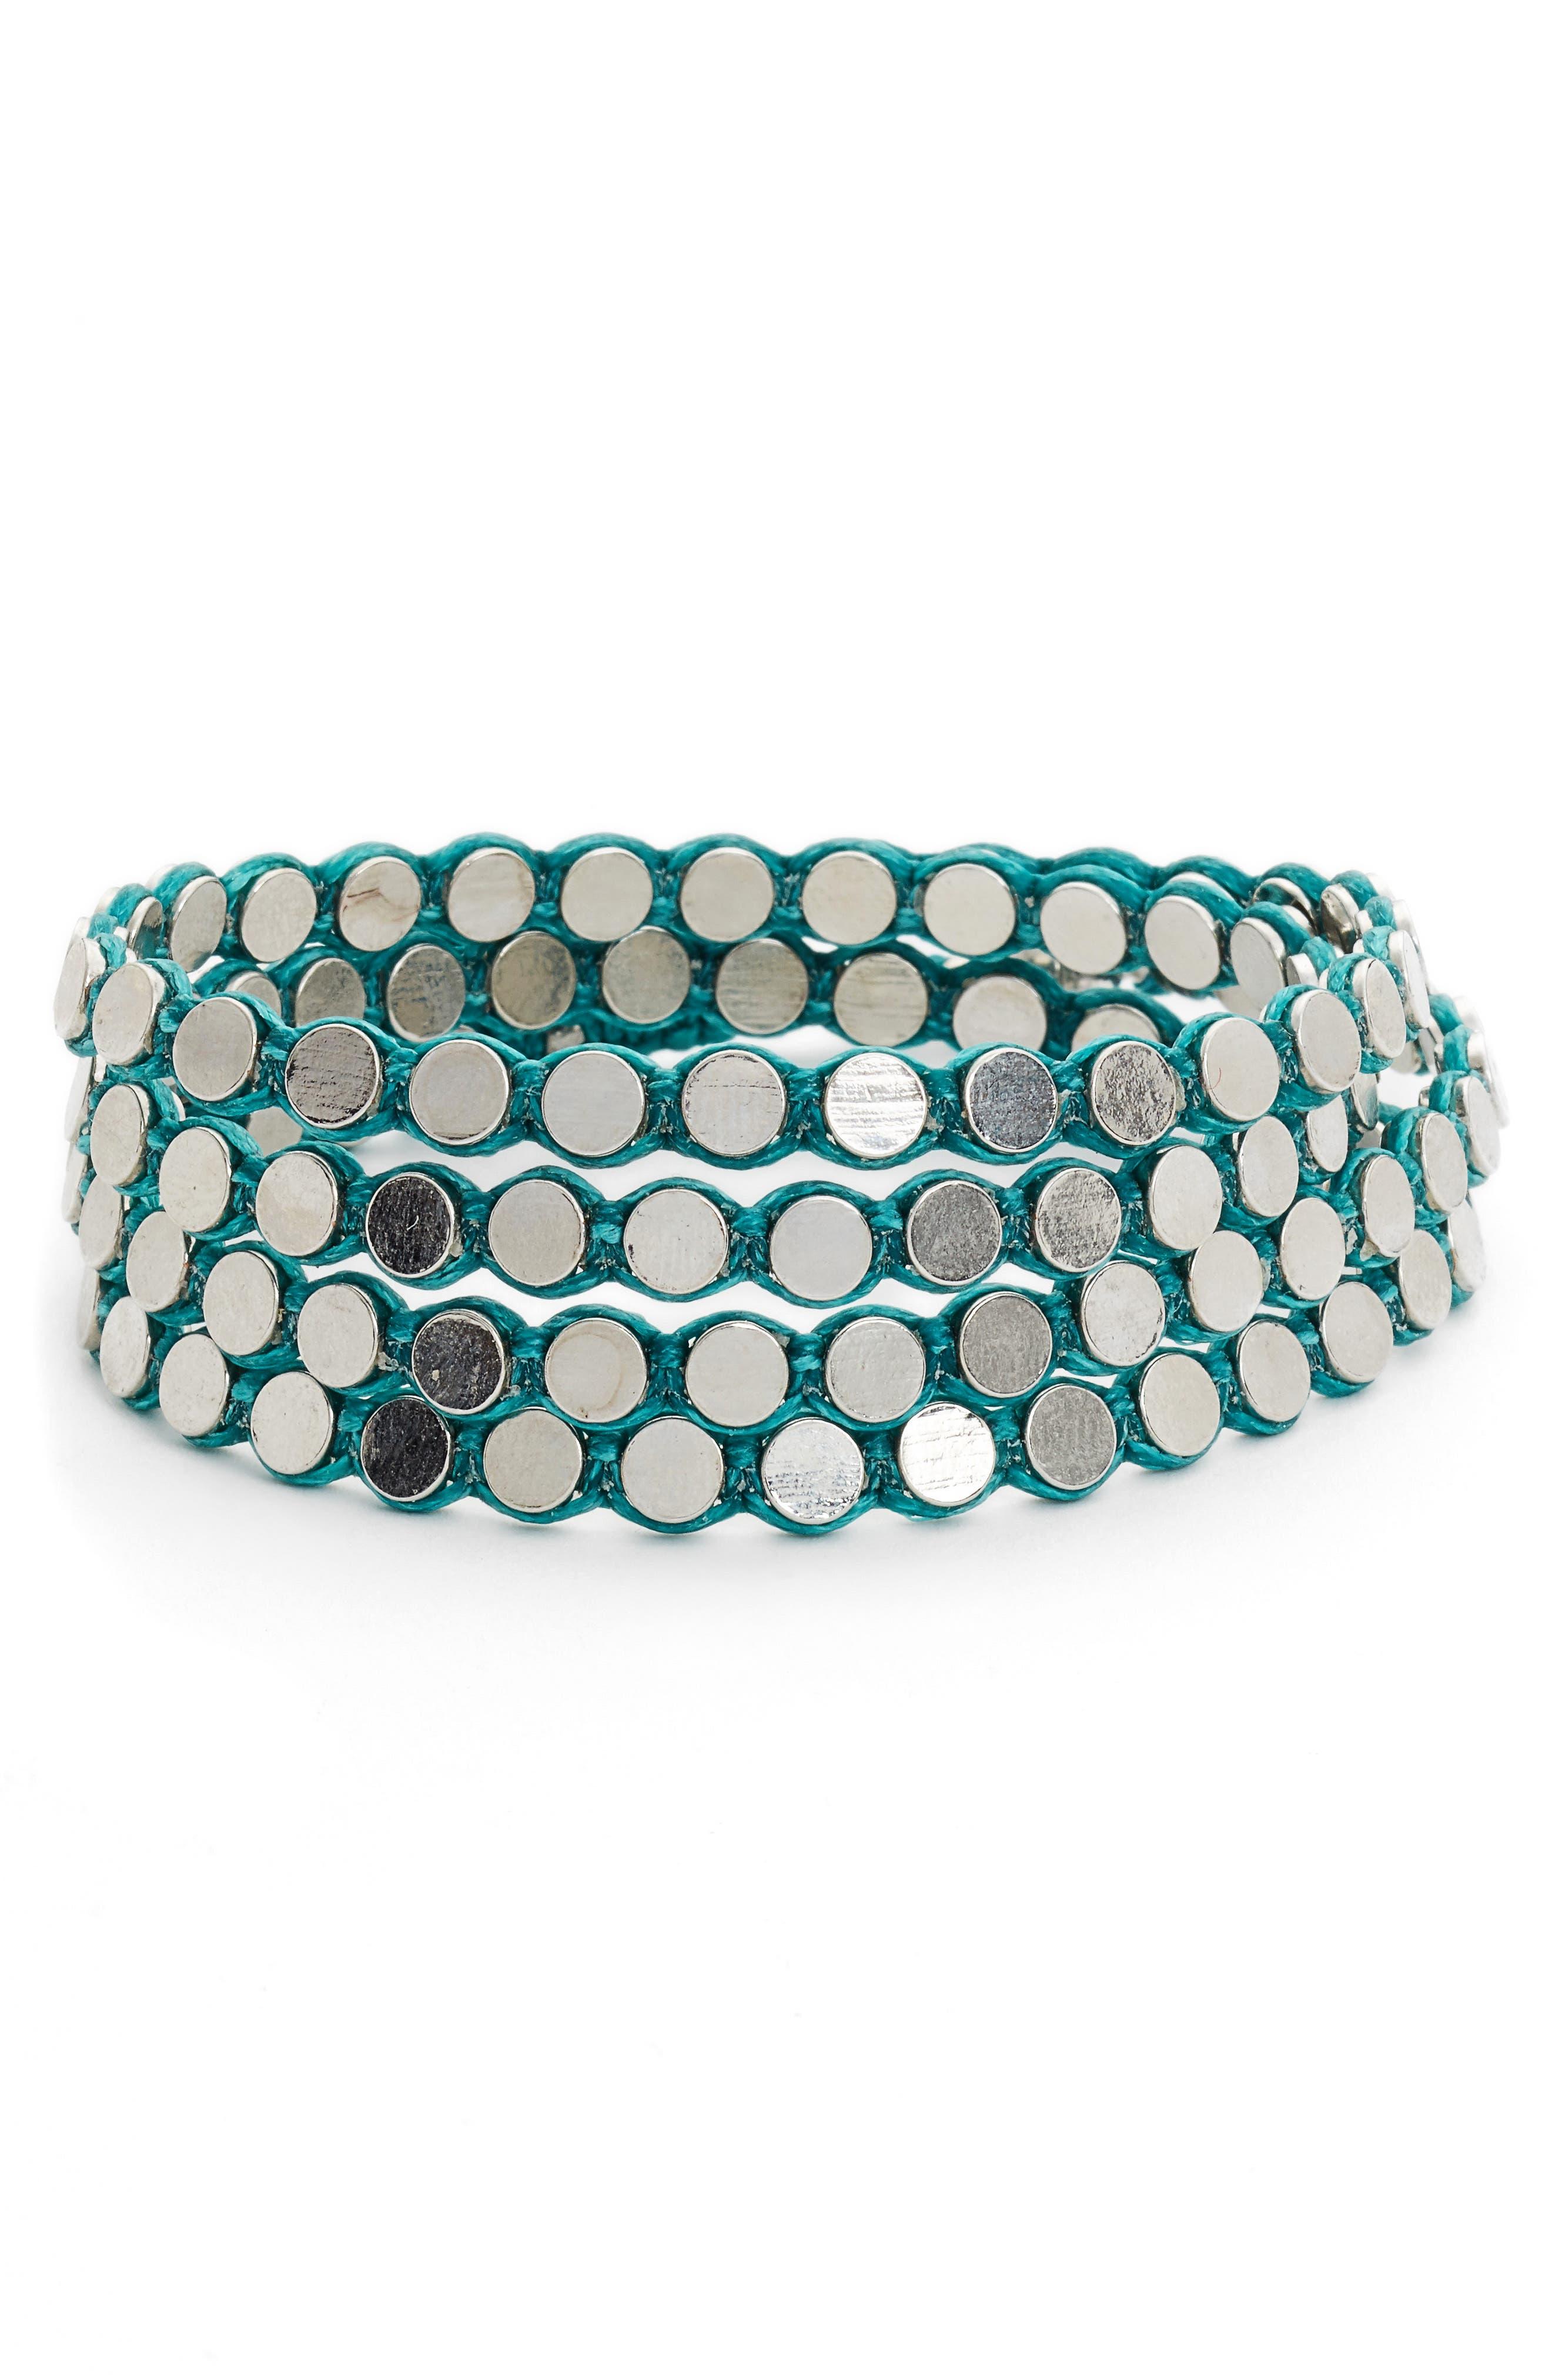 Disk Wrap Bracelet,                             Main thumbnail 1, color,                             Silver/ Turquoise